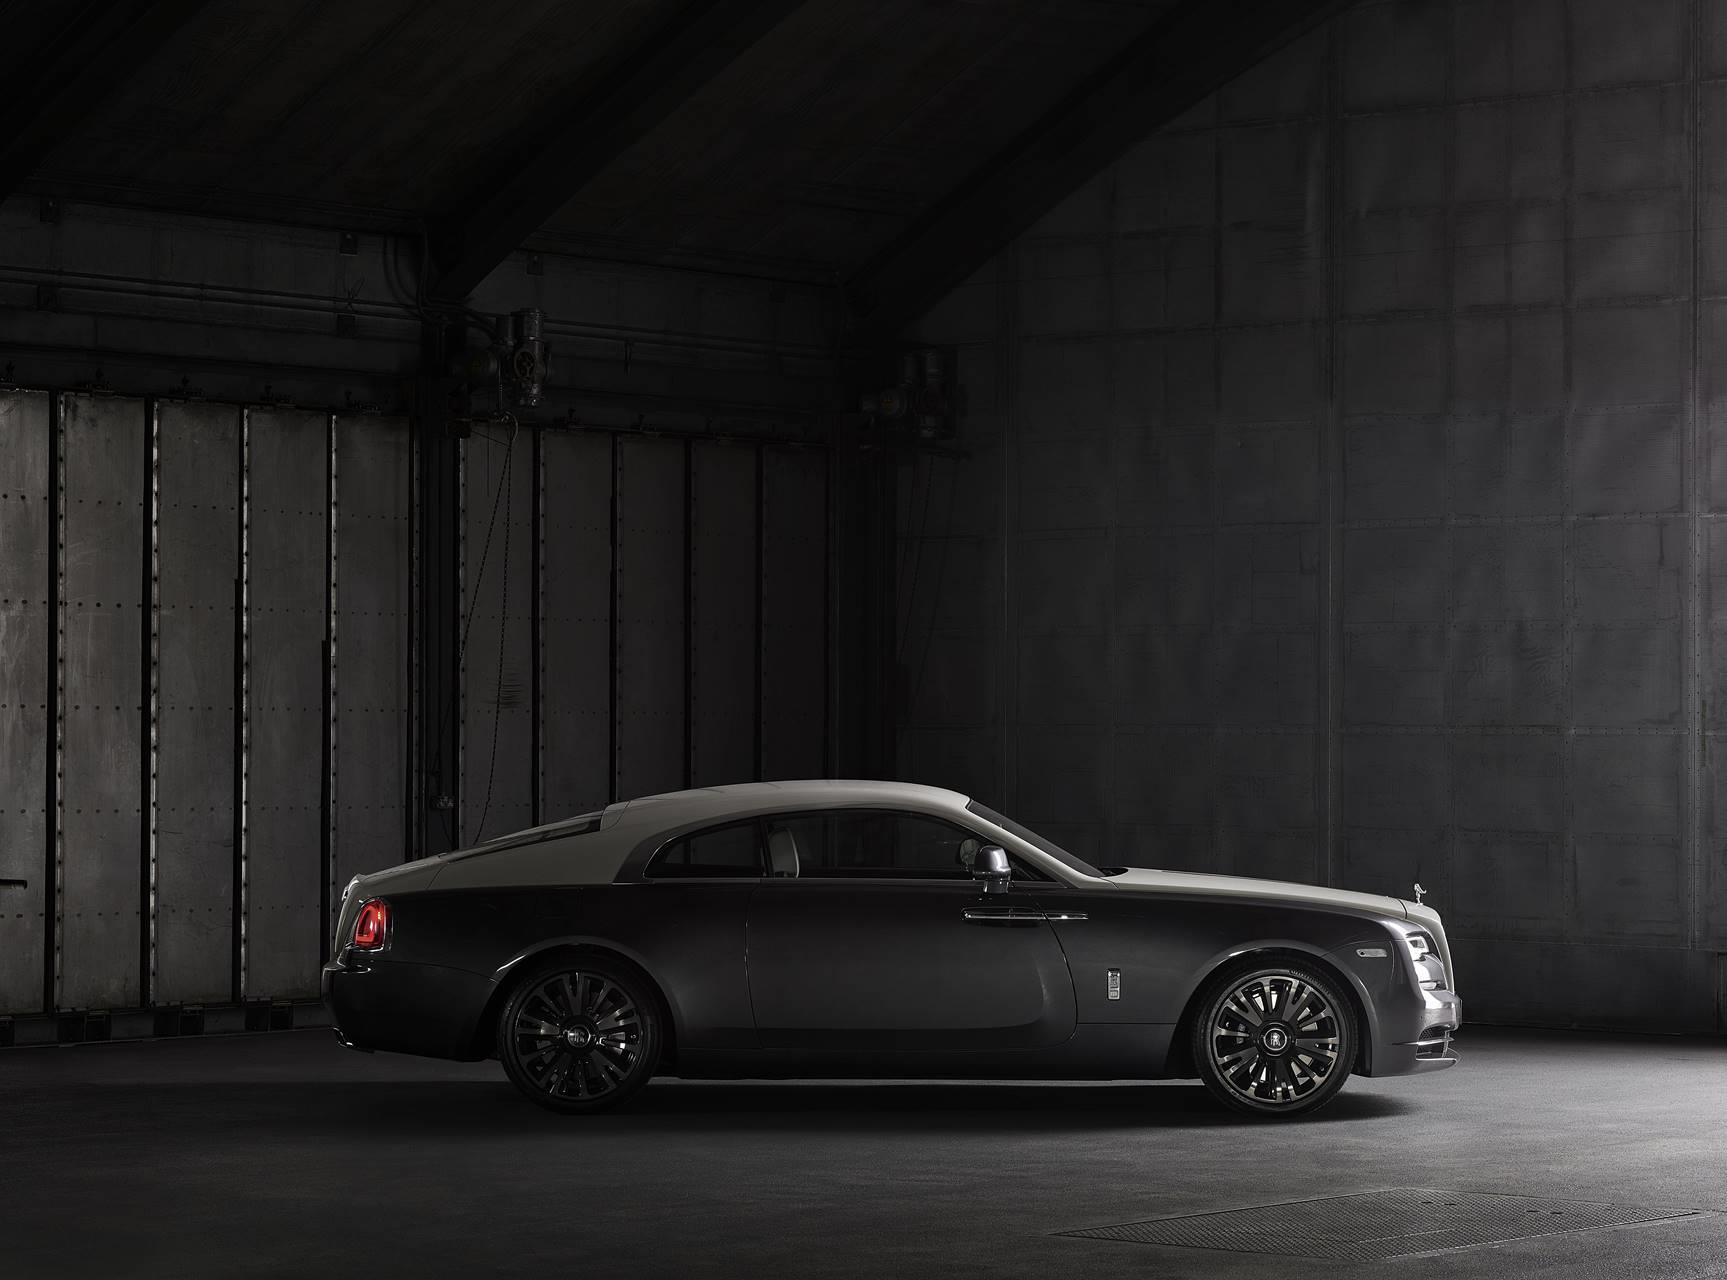 2019 Rolls-Royce Wraith Eagle VIII Collection